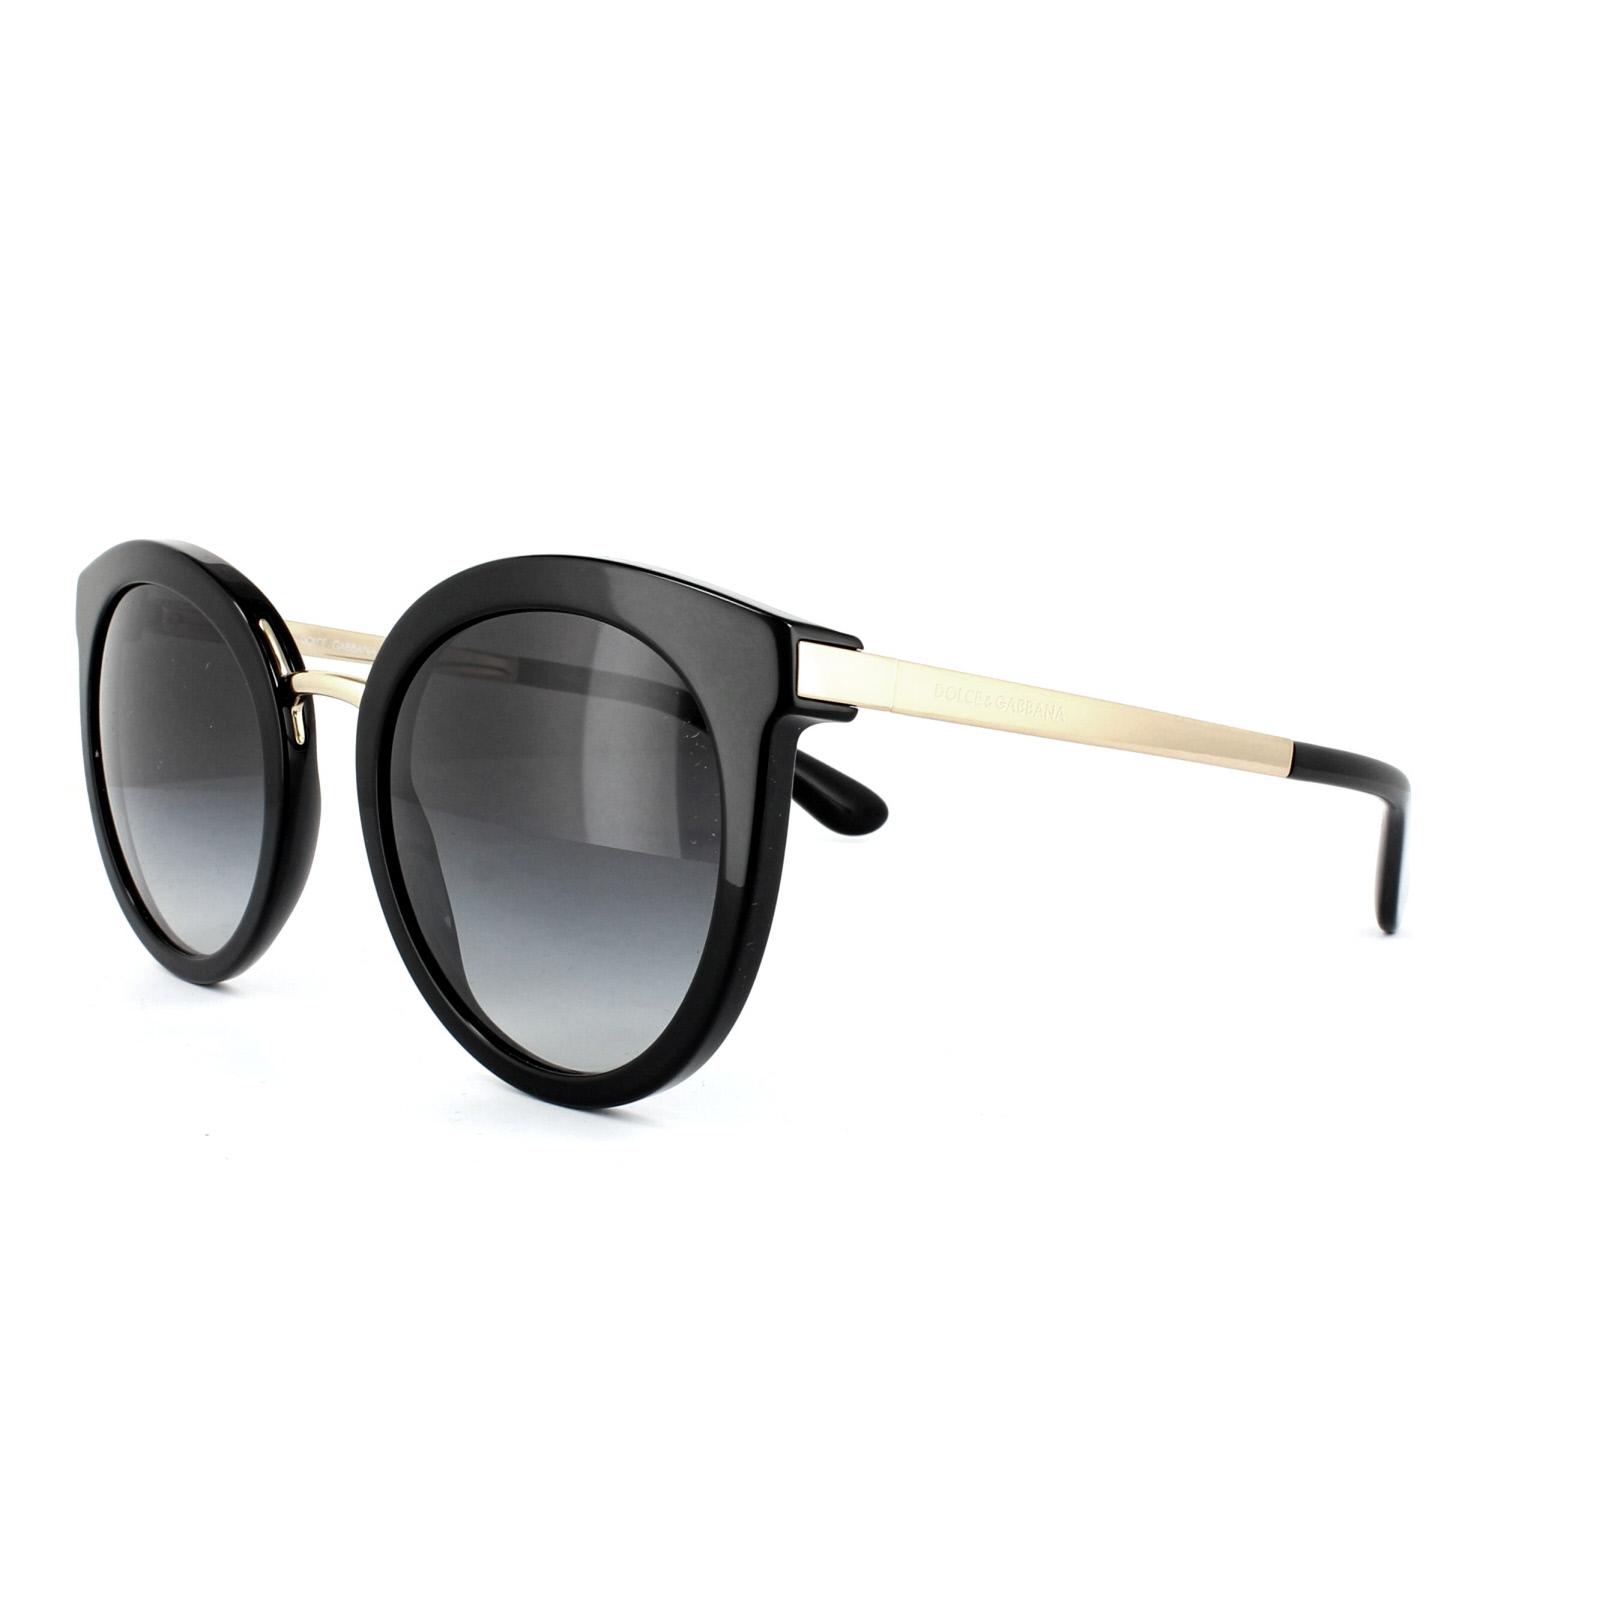 Dolce Gabbana 4268/501/8g pmuPhndZSC